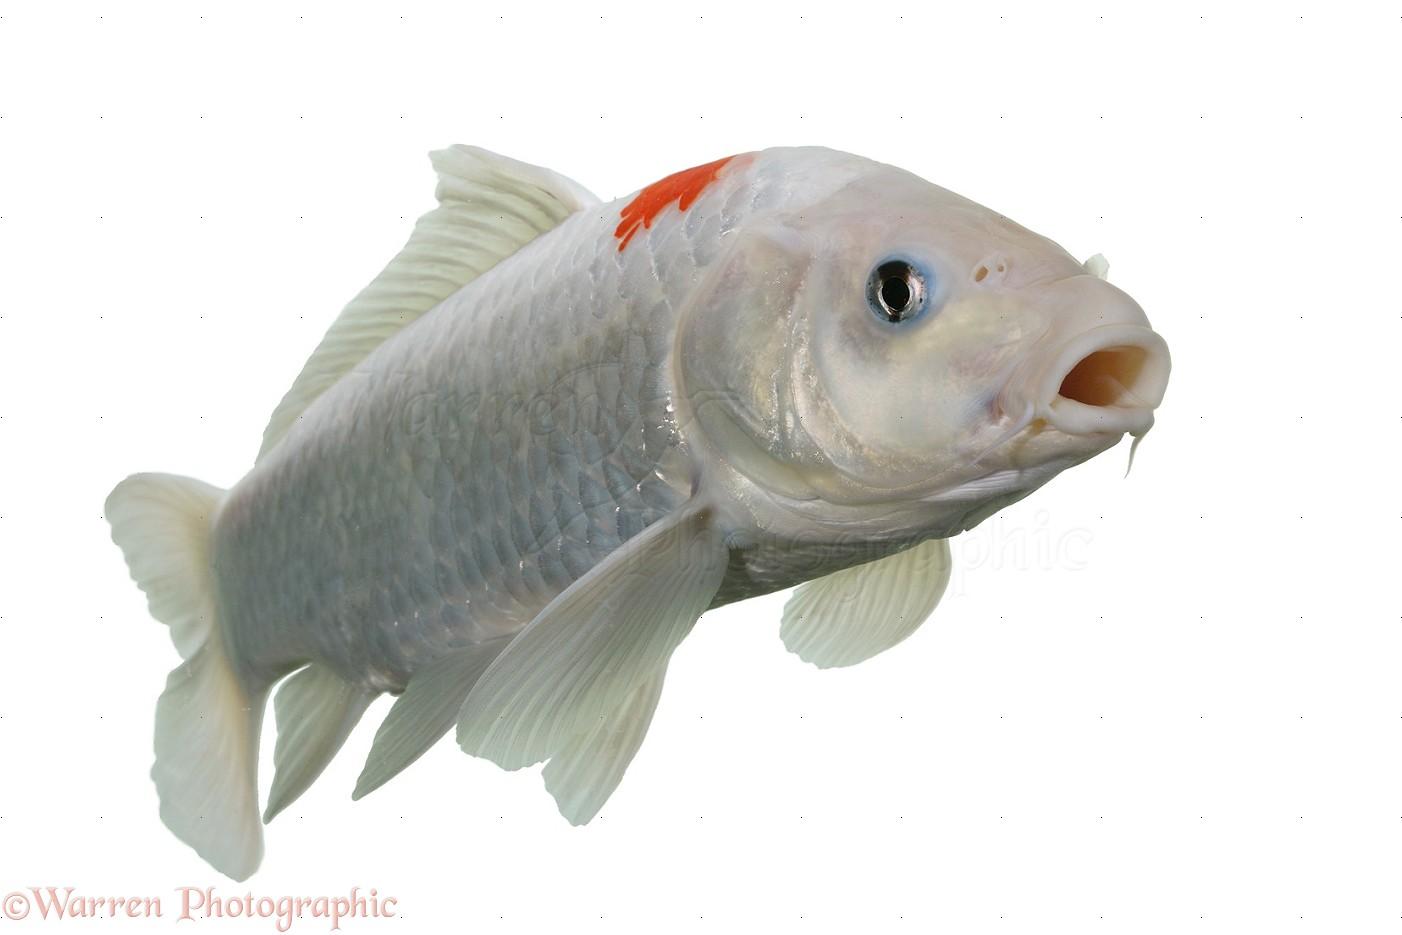 White koi carp photo wp18010 for White koi fish